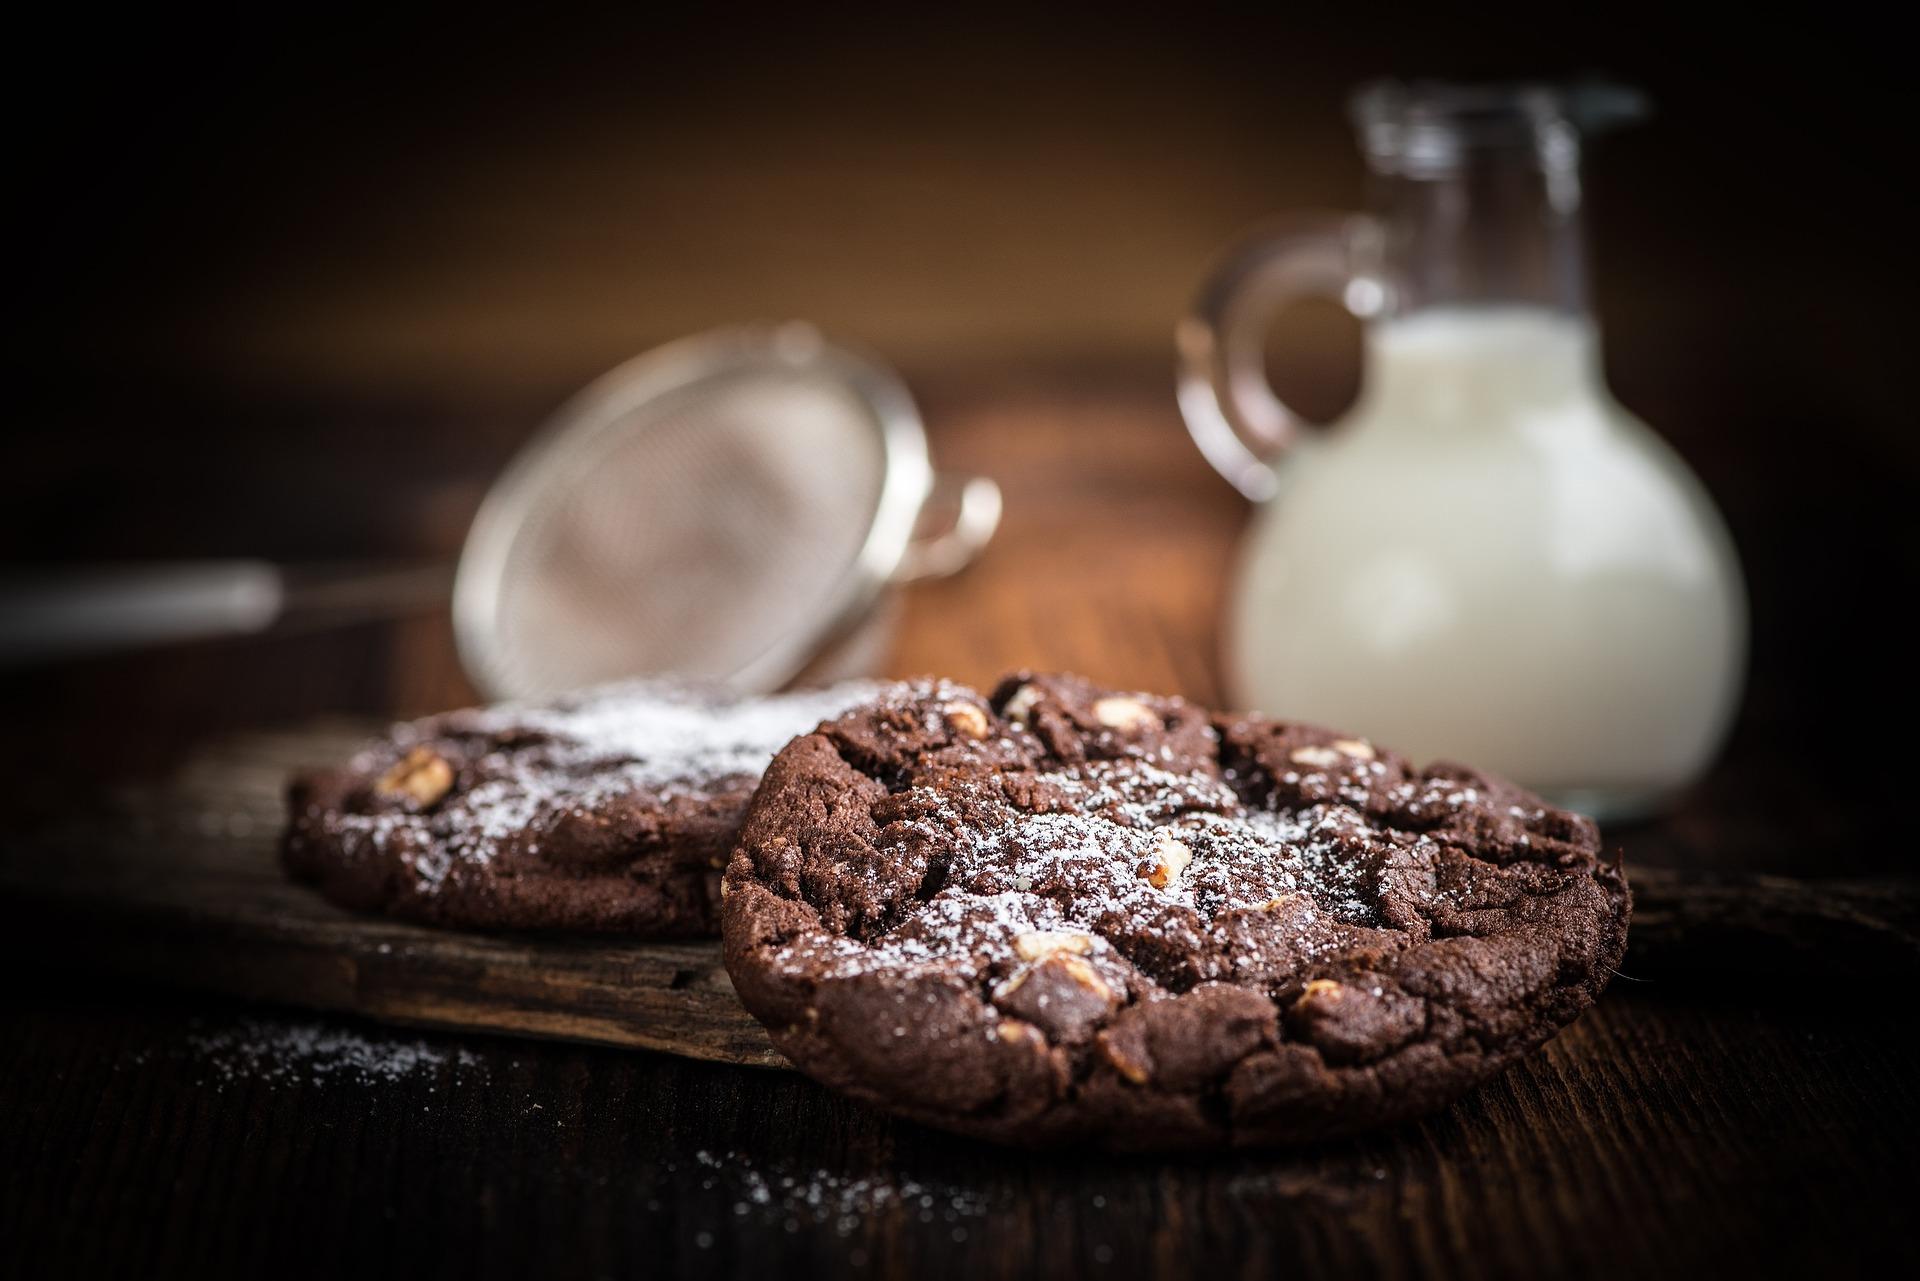 Cookies de chocolate, un placer que muchas personas ya se deciden a hacer en casa